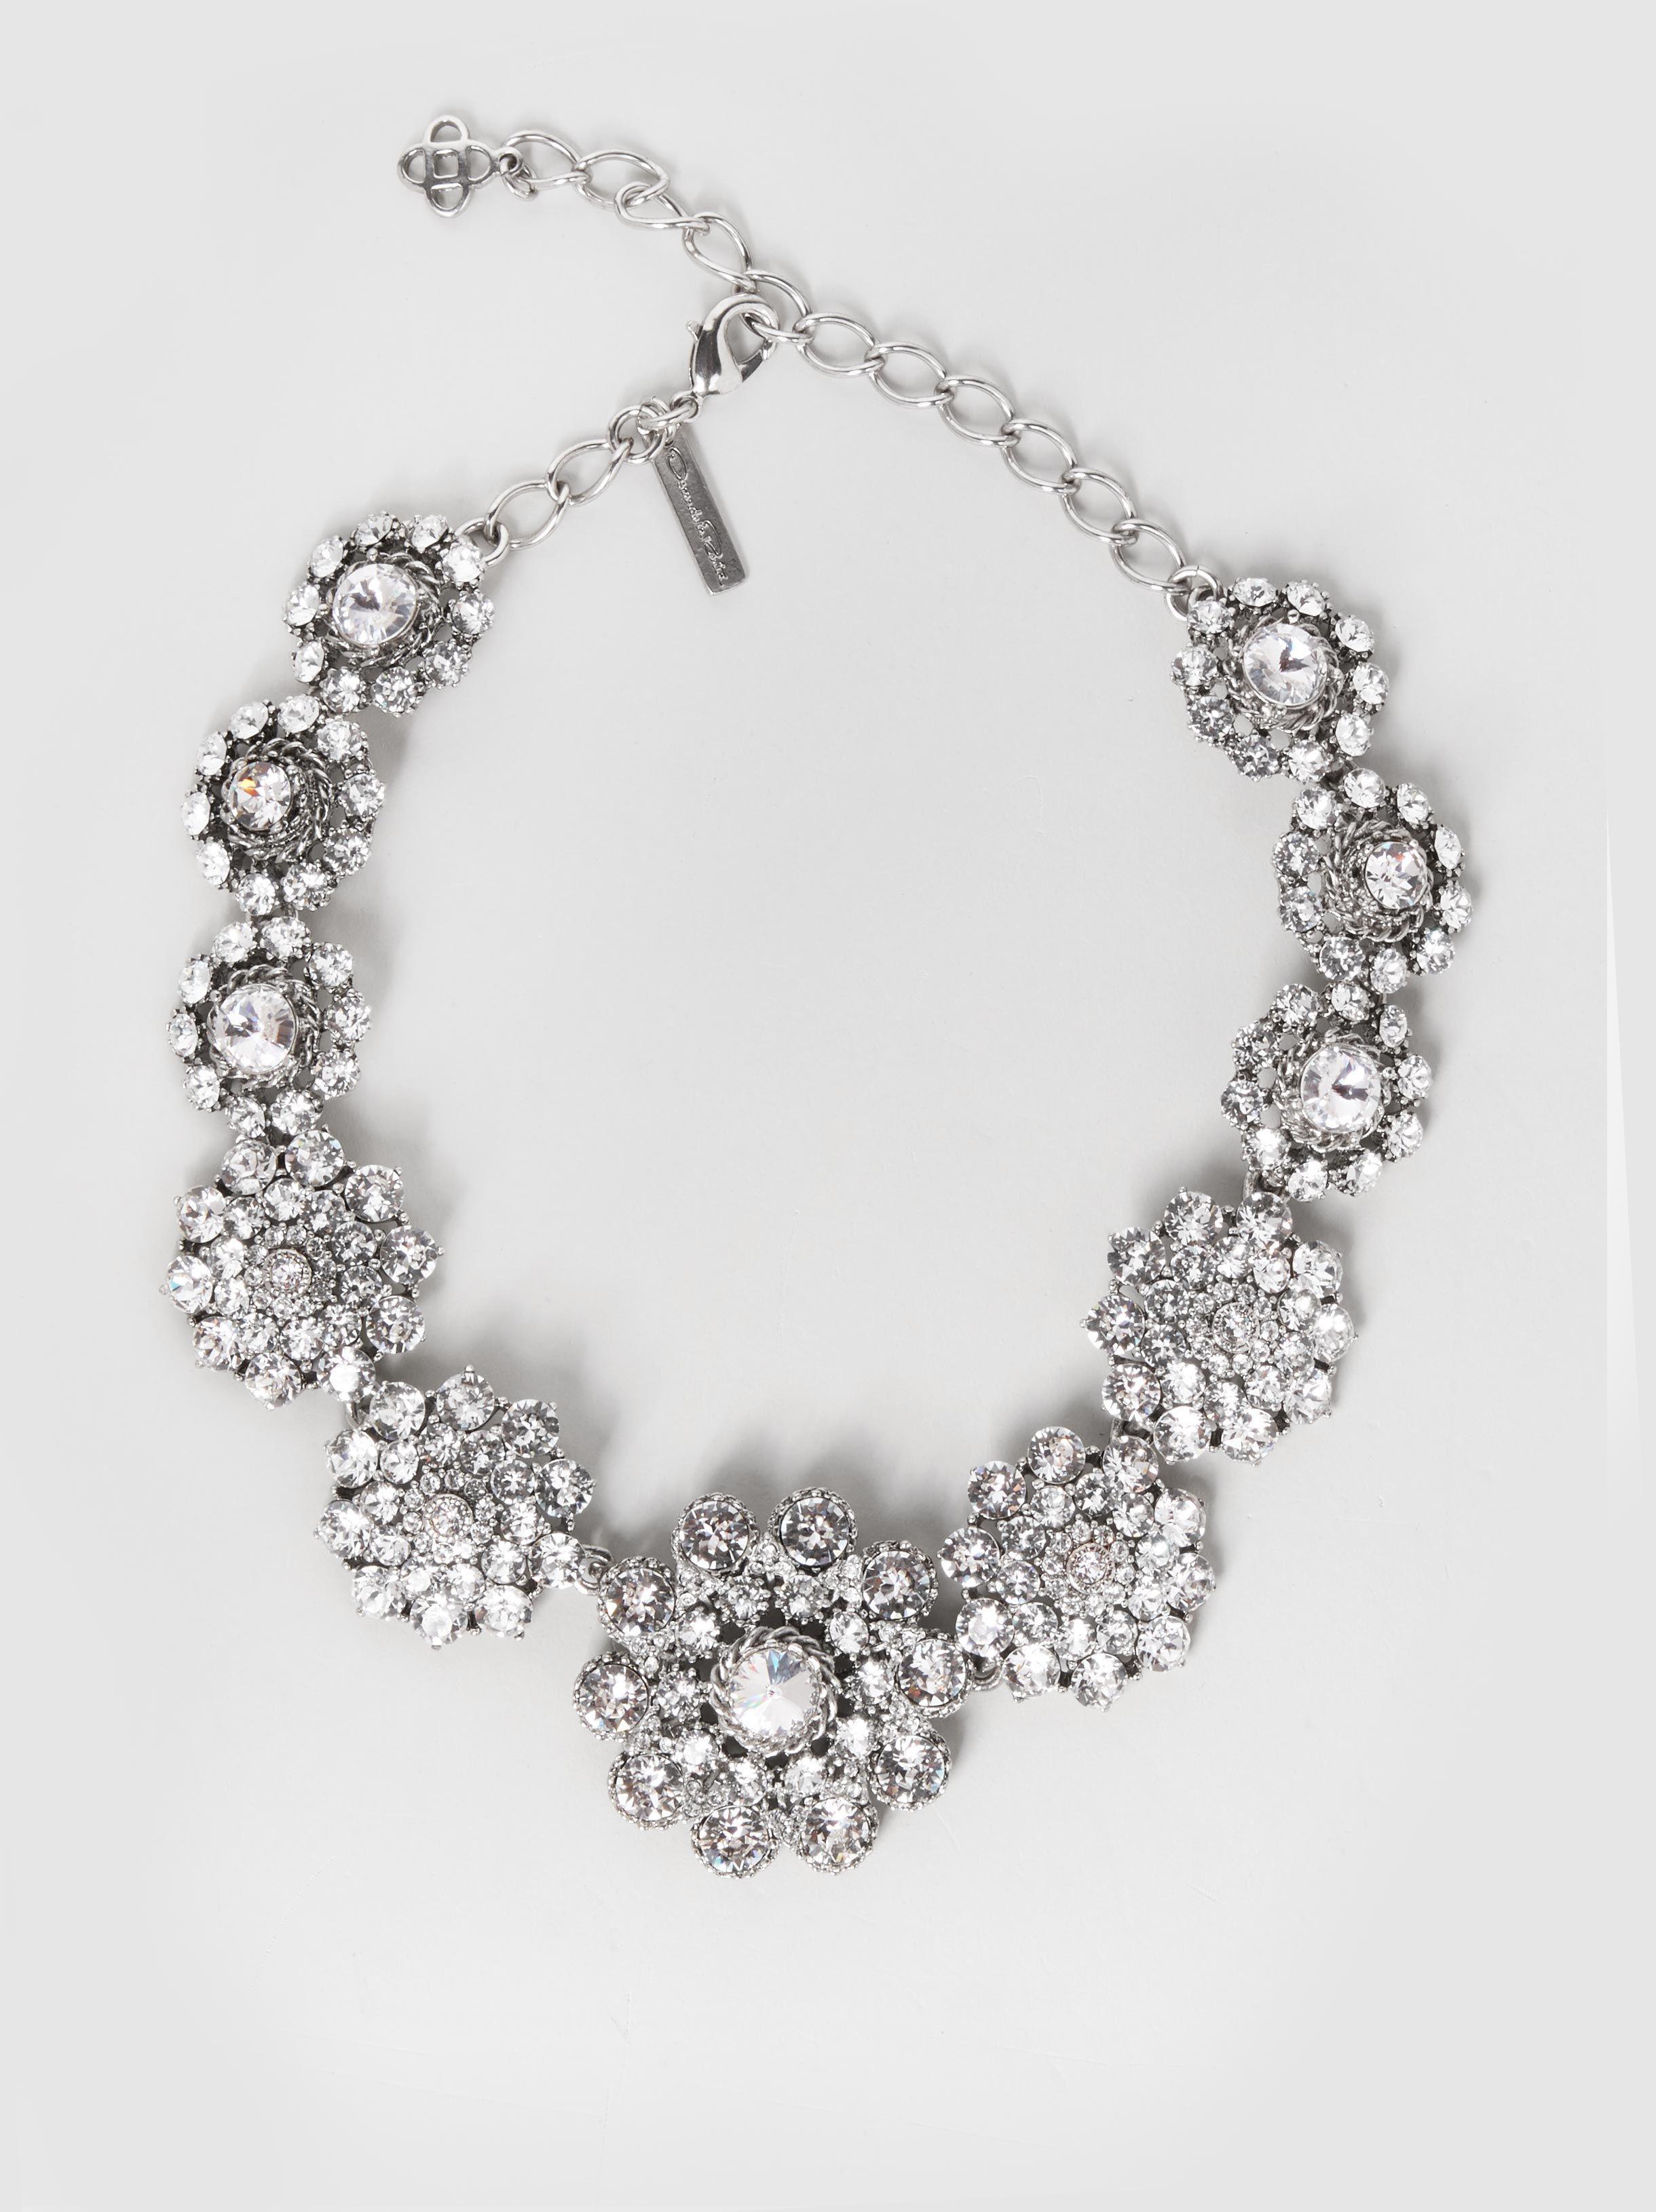 Crystal Cluster Silver-Tone Necklace Oscar De La Renta fHrb1Gr